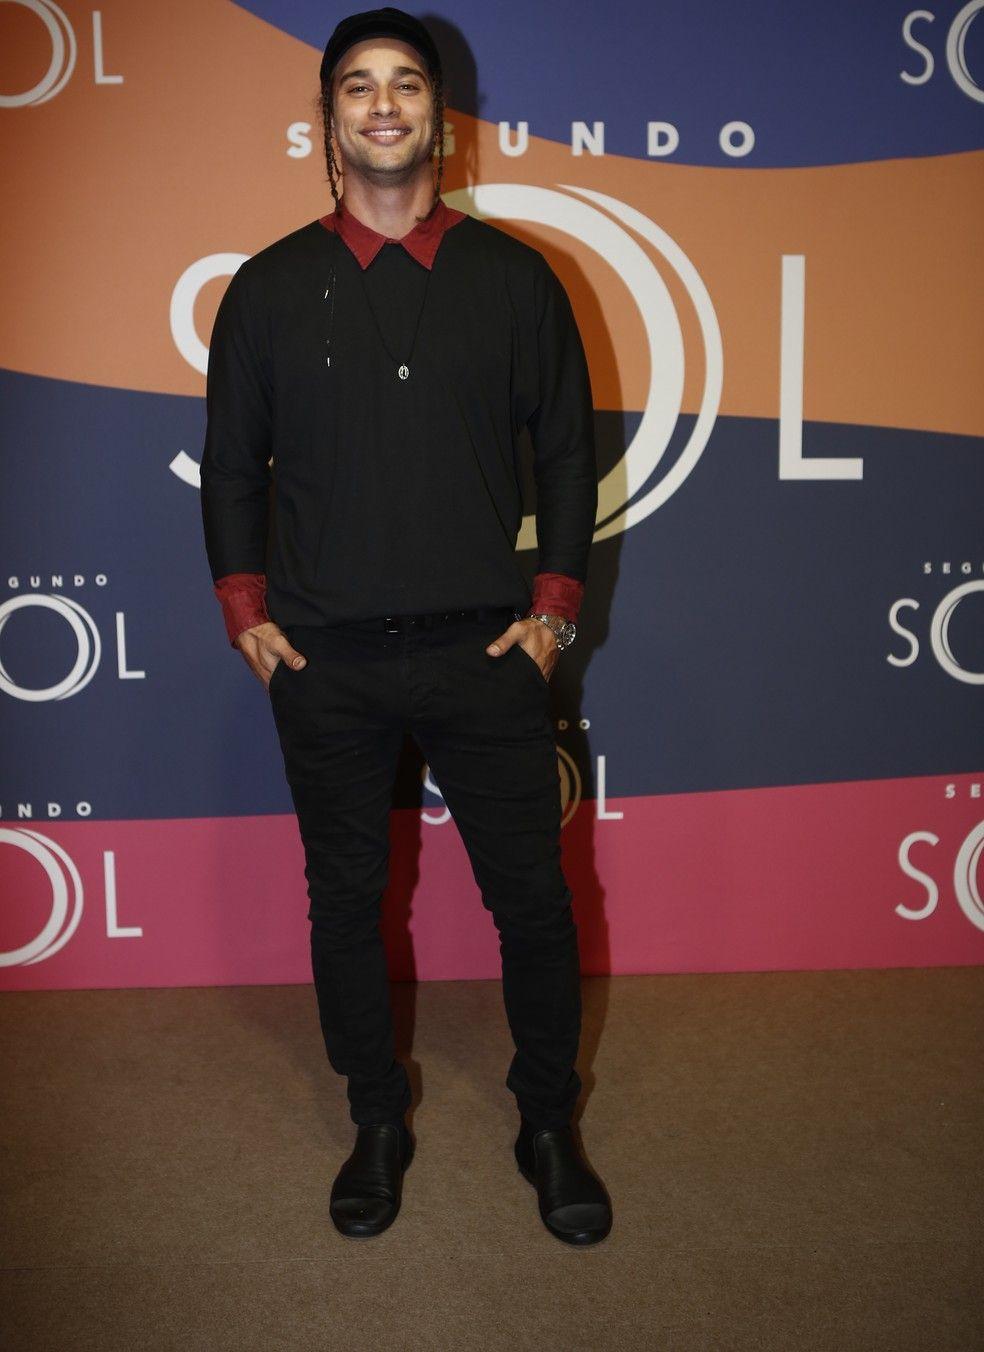 98c60661e Pablo Morais esbanja estilo com look preto e vermelho (Foto: Artur  Meninea/Gshow)